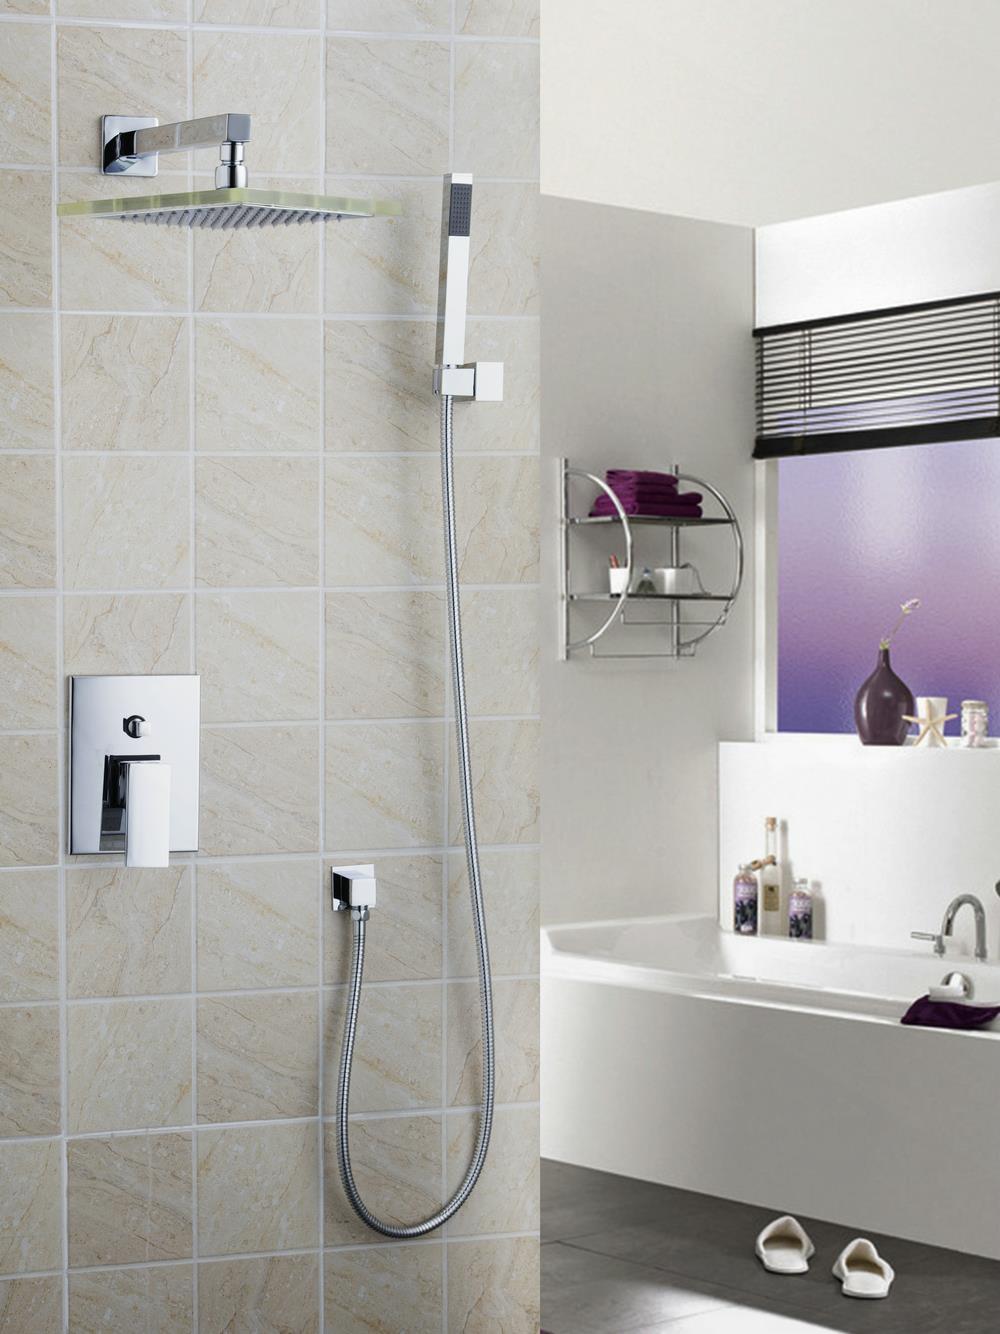 badewanne lichter-kaufen billigbadewanne lichter partien aus china, Hause ideen